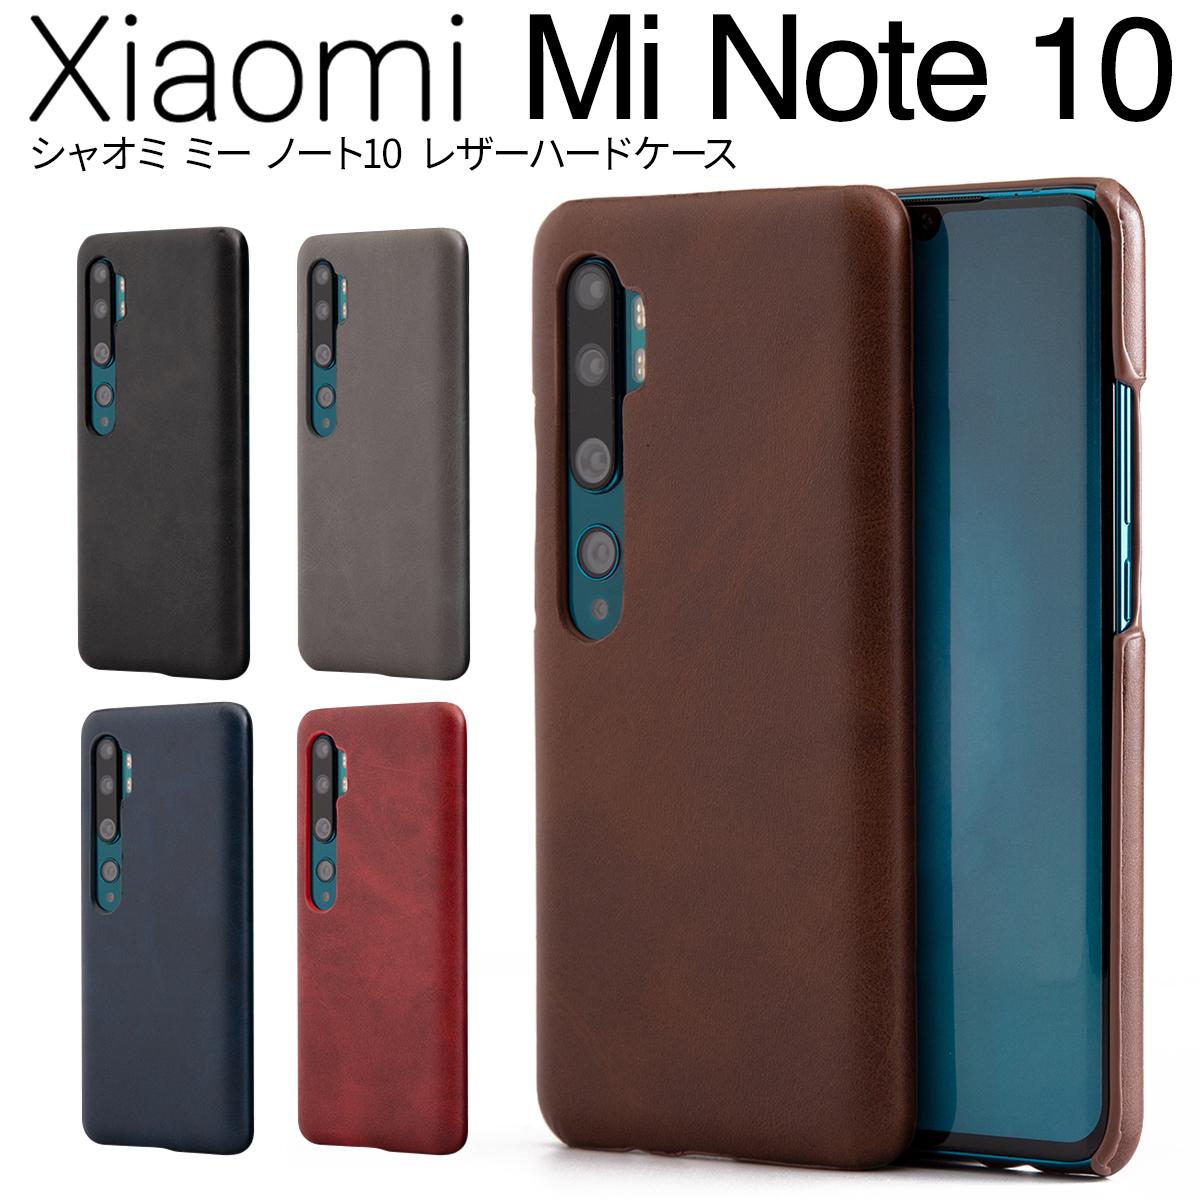 レザーハードケース 入荷予定 上質 Xiaomi Mi Note 10 スマホケース 韓国 スマホ カバー 人気 かっこいい 革 ビジネス レザー おしゃれ